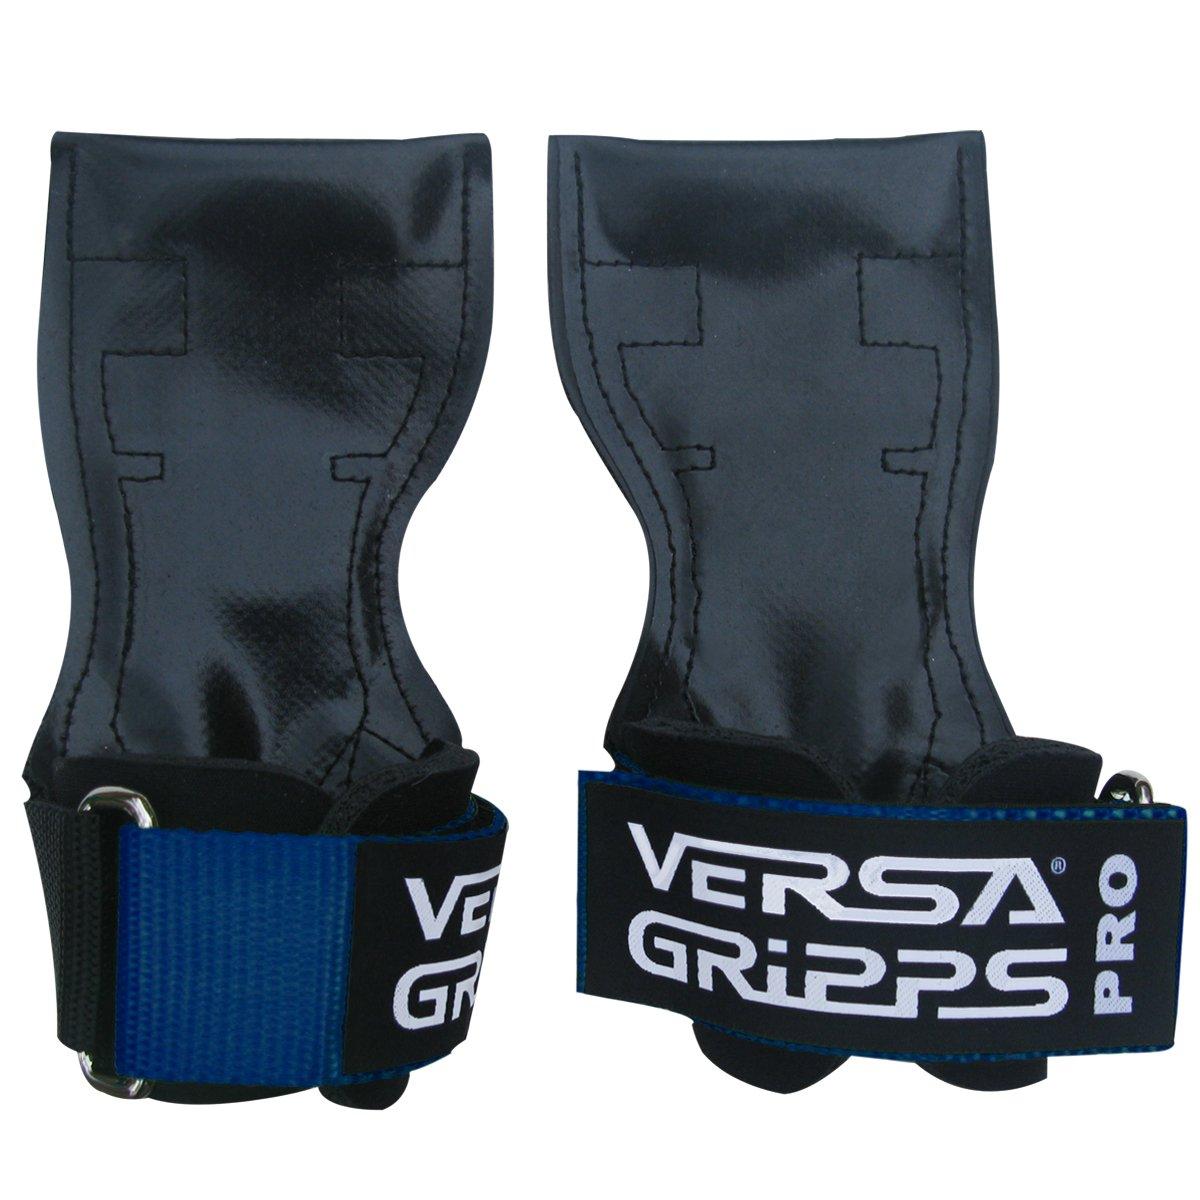 開店祝い Versa Gripps Gripps B00GP4ZNQG プロオセンティック世界で最も優れたトレーニングアクセサリーの一つアメリカ製 Small|Blue。 B00GP4ZNQG Blue Pacific/Black Small Small|Blue Pacific/Black, 枕屋PILOXS:5786b2cc --- arianechie.dominiotemporario.com